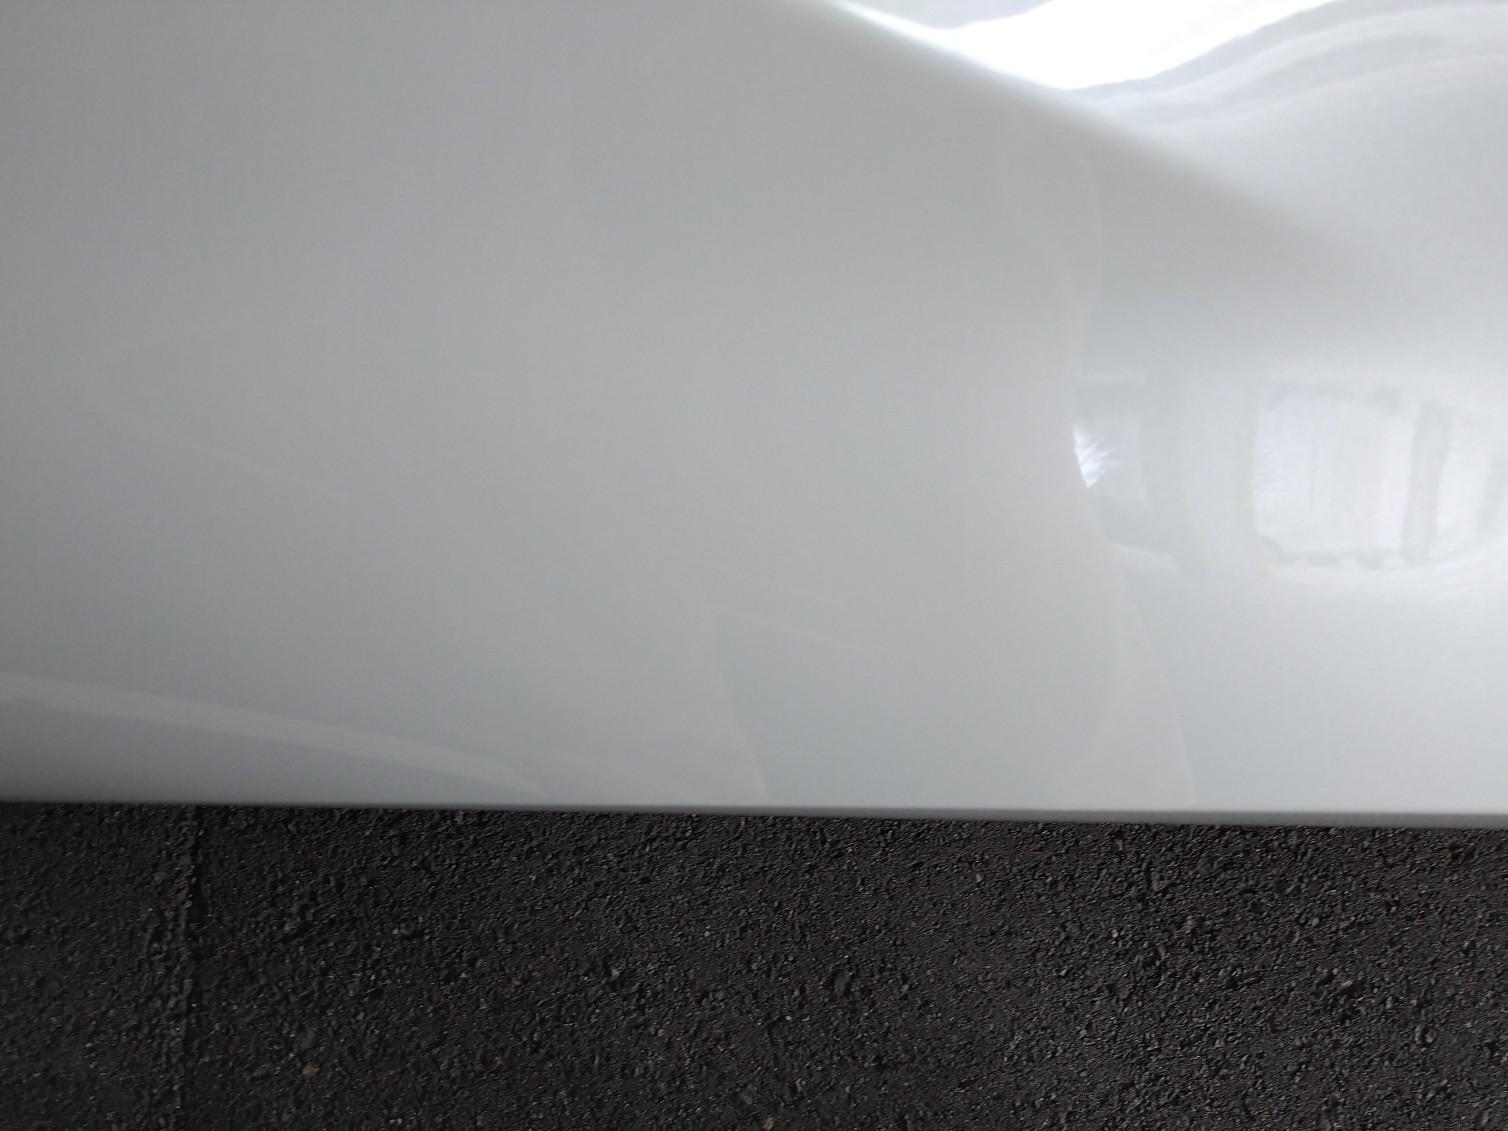 フロント出ヅラ…<br /> フェンダー内に収まっております…<br /> ワイトレなどで出した方がカッコは良くなりますがディラー出禁は困りますので…